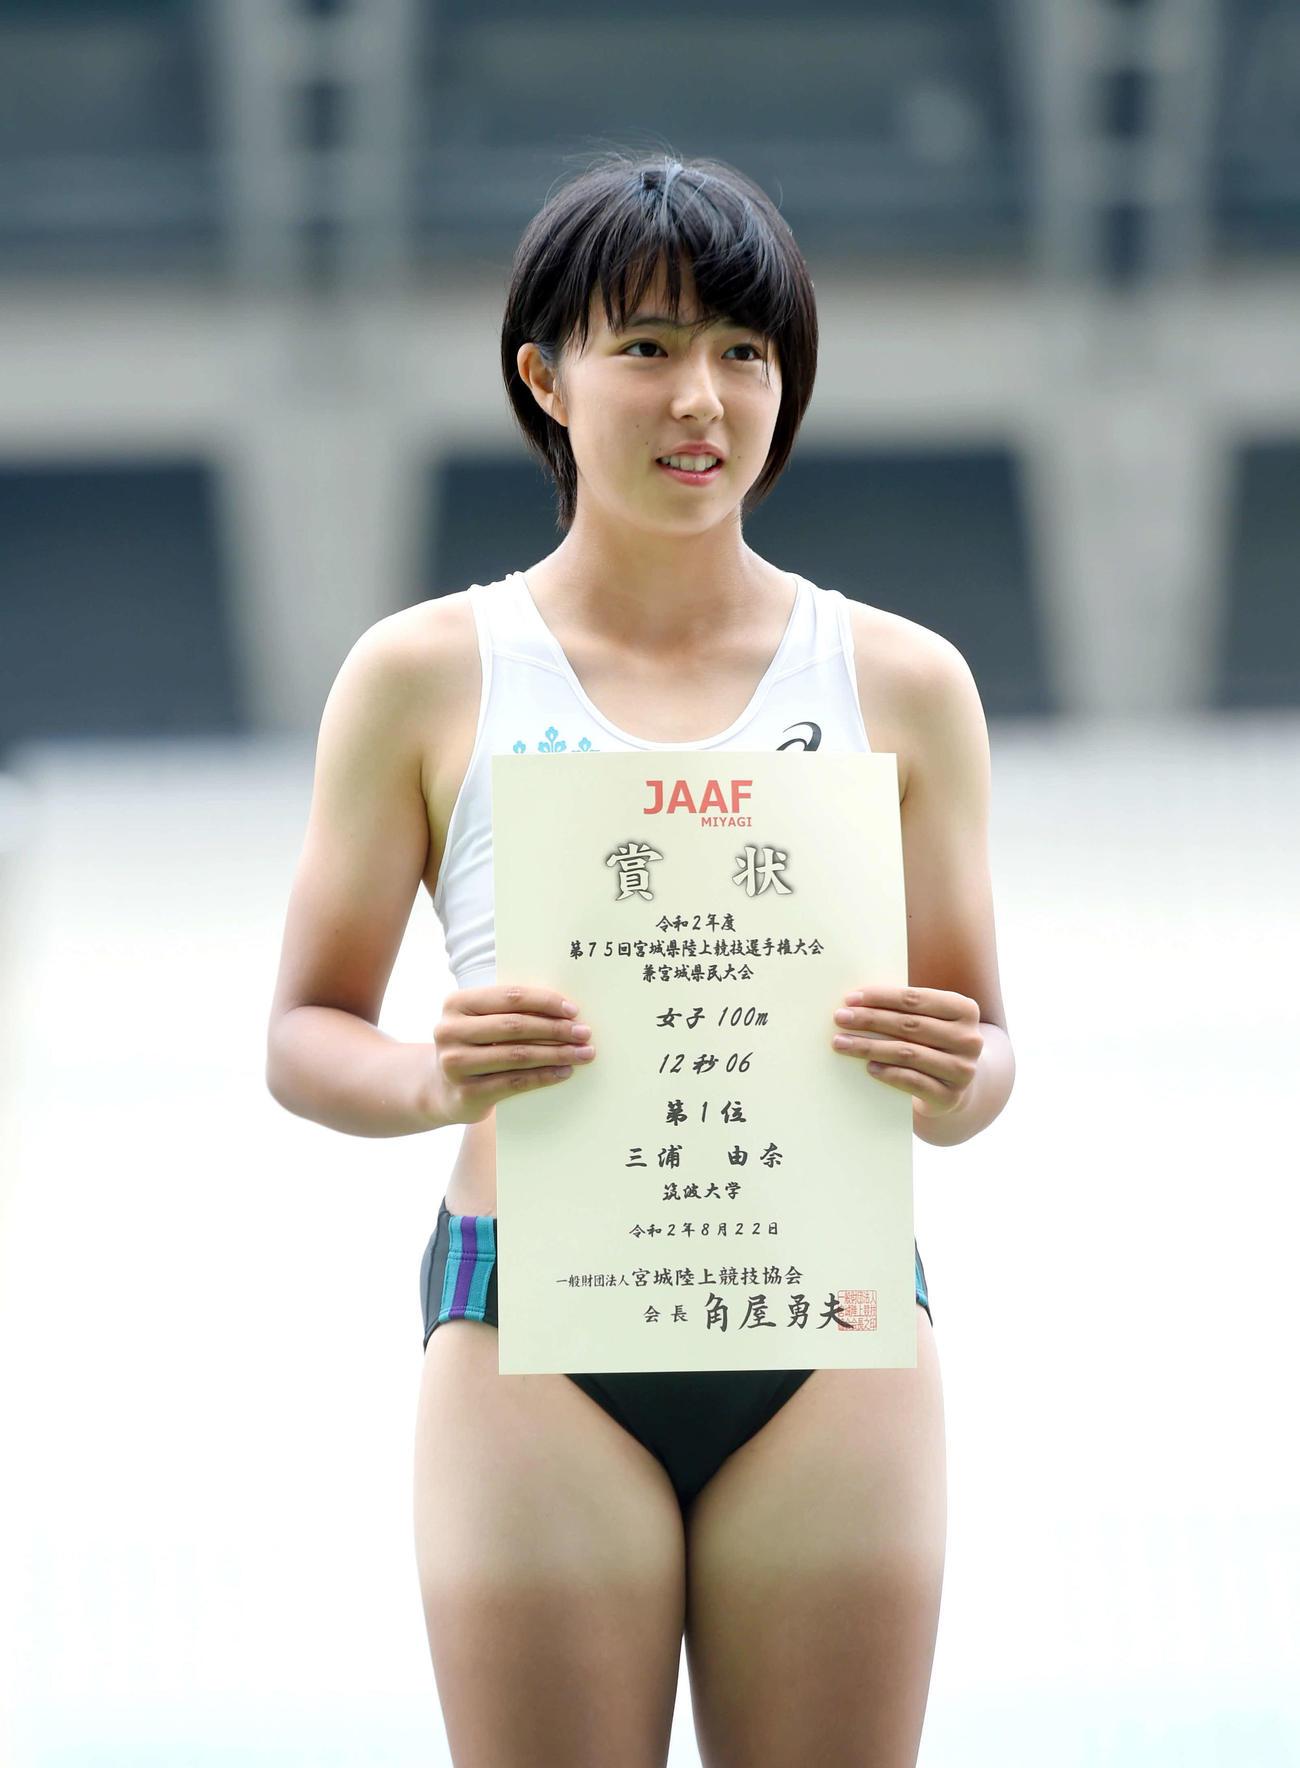 8月22日、宮城県陸上競技選手権女子100メートルで優勝した筑波大・三浦